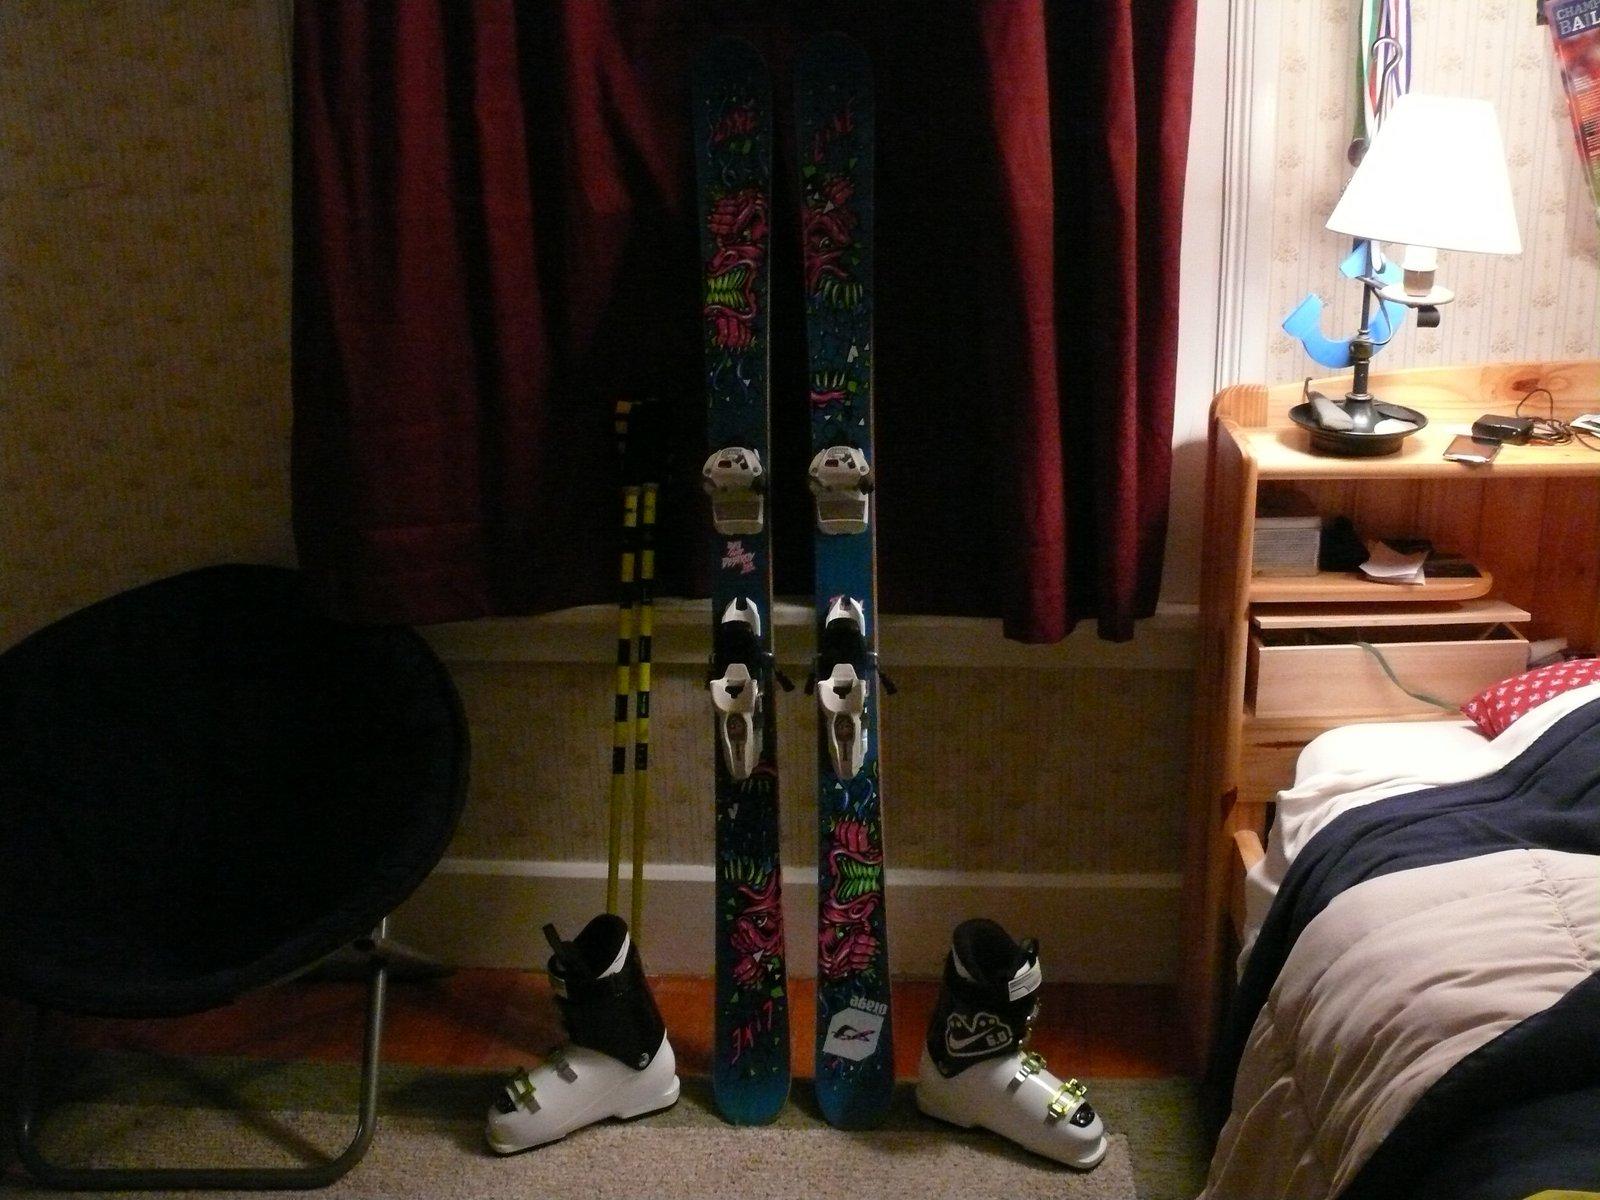 Ski stuff - 1 of 10